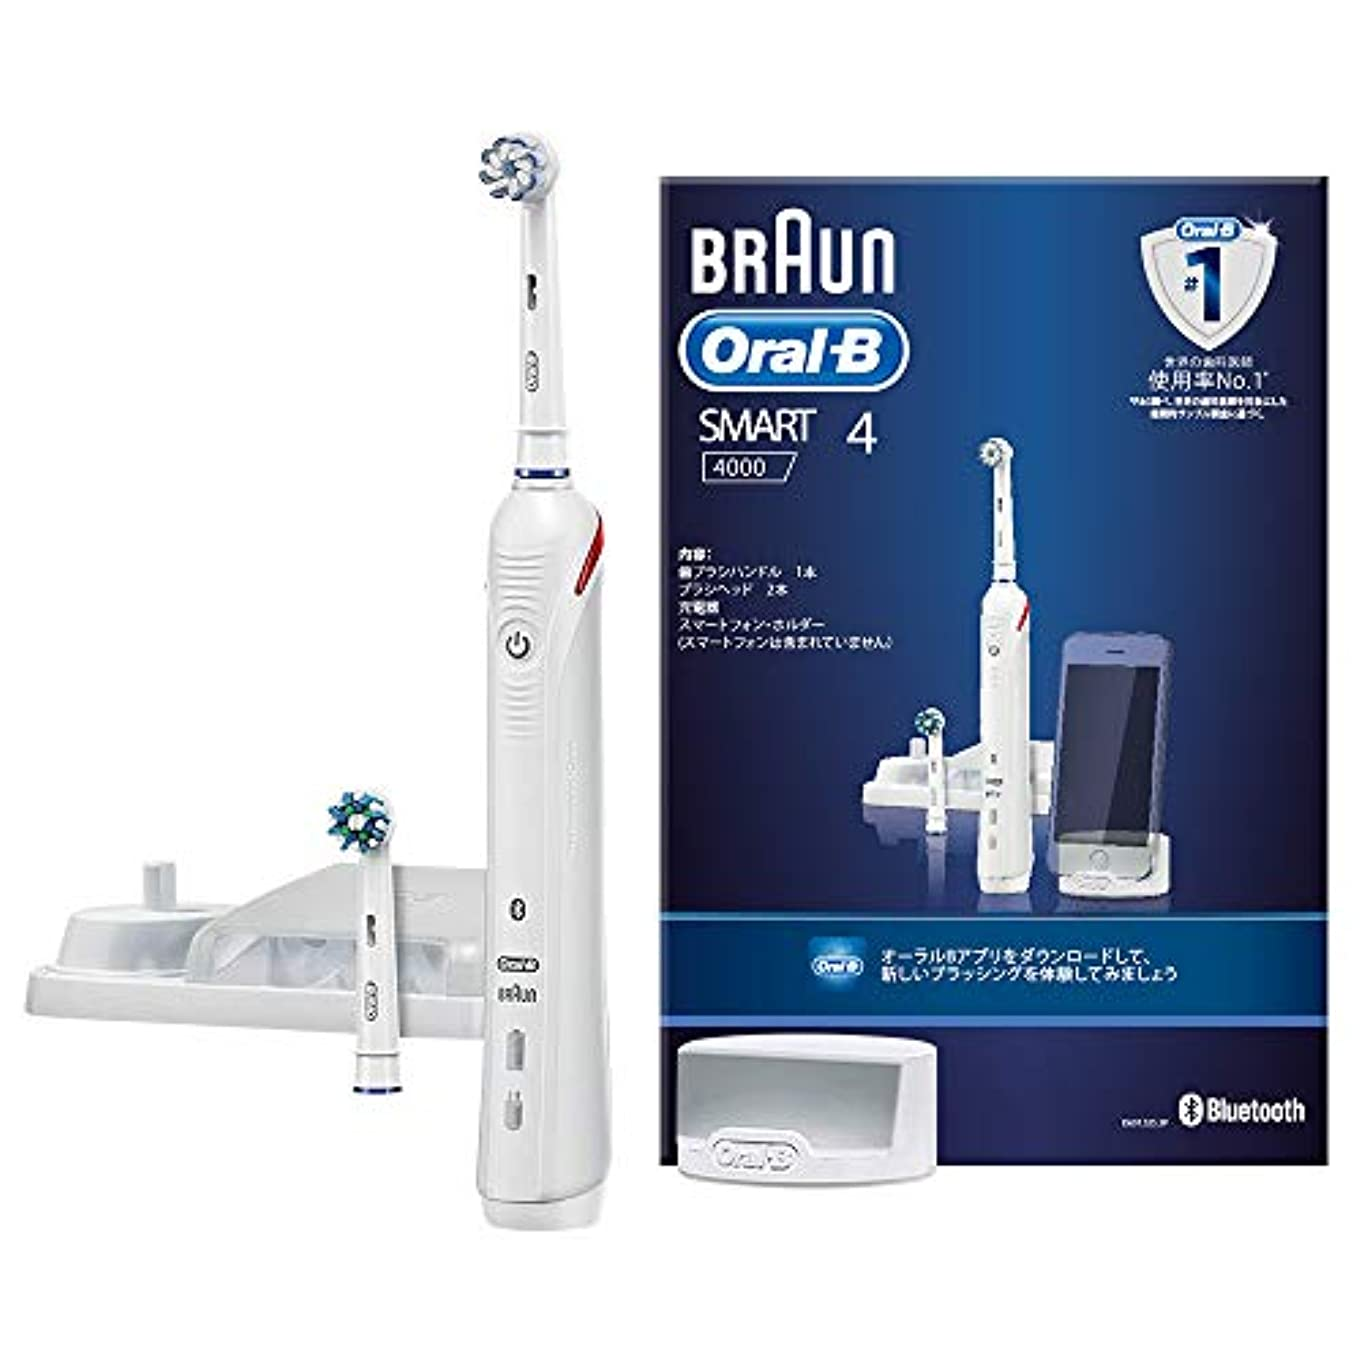 捧げる分散効果的にブラウン オーラルB 電動歯ブラシ スマート4000 D6015253P